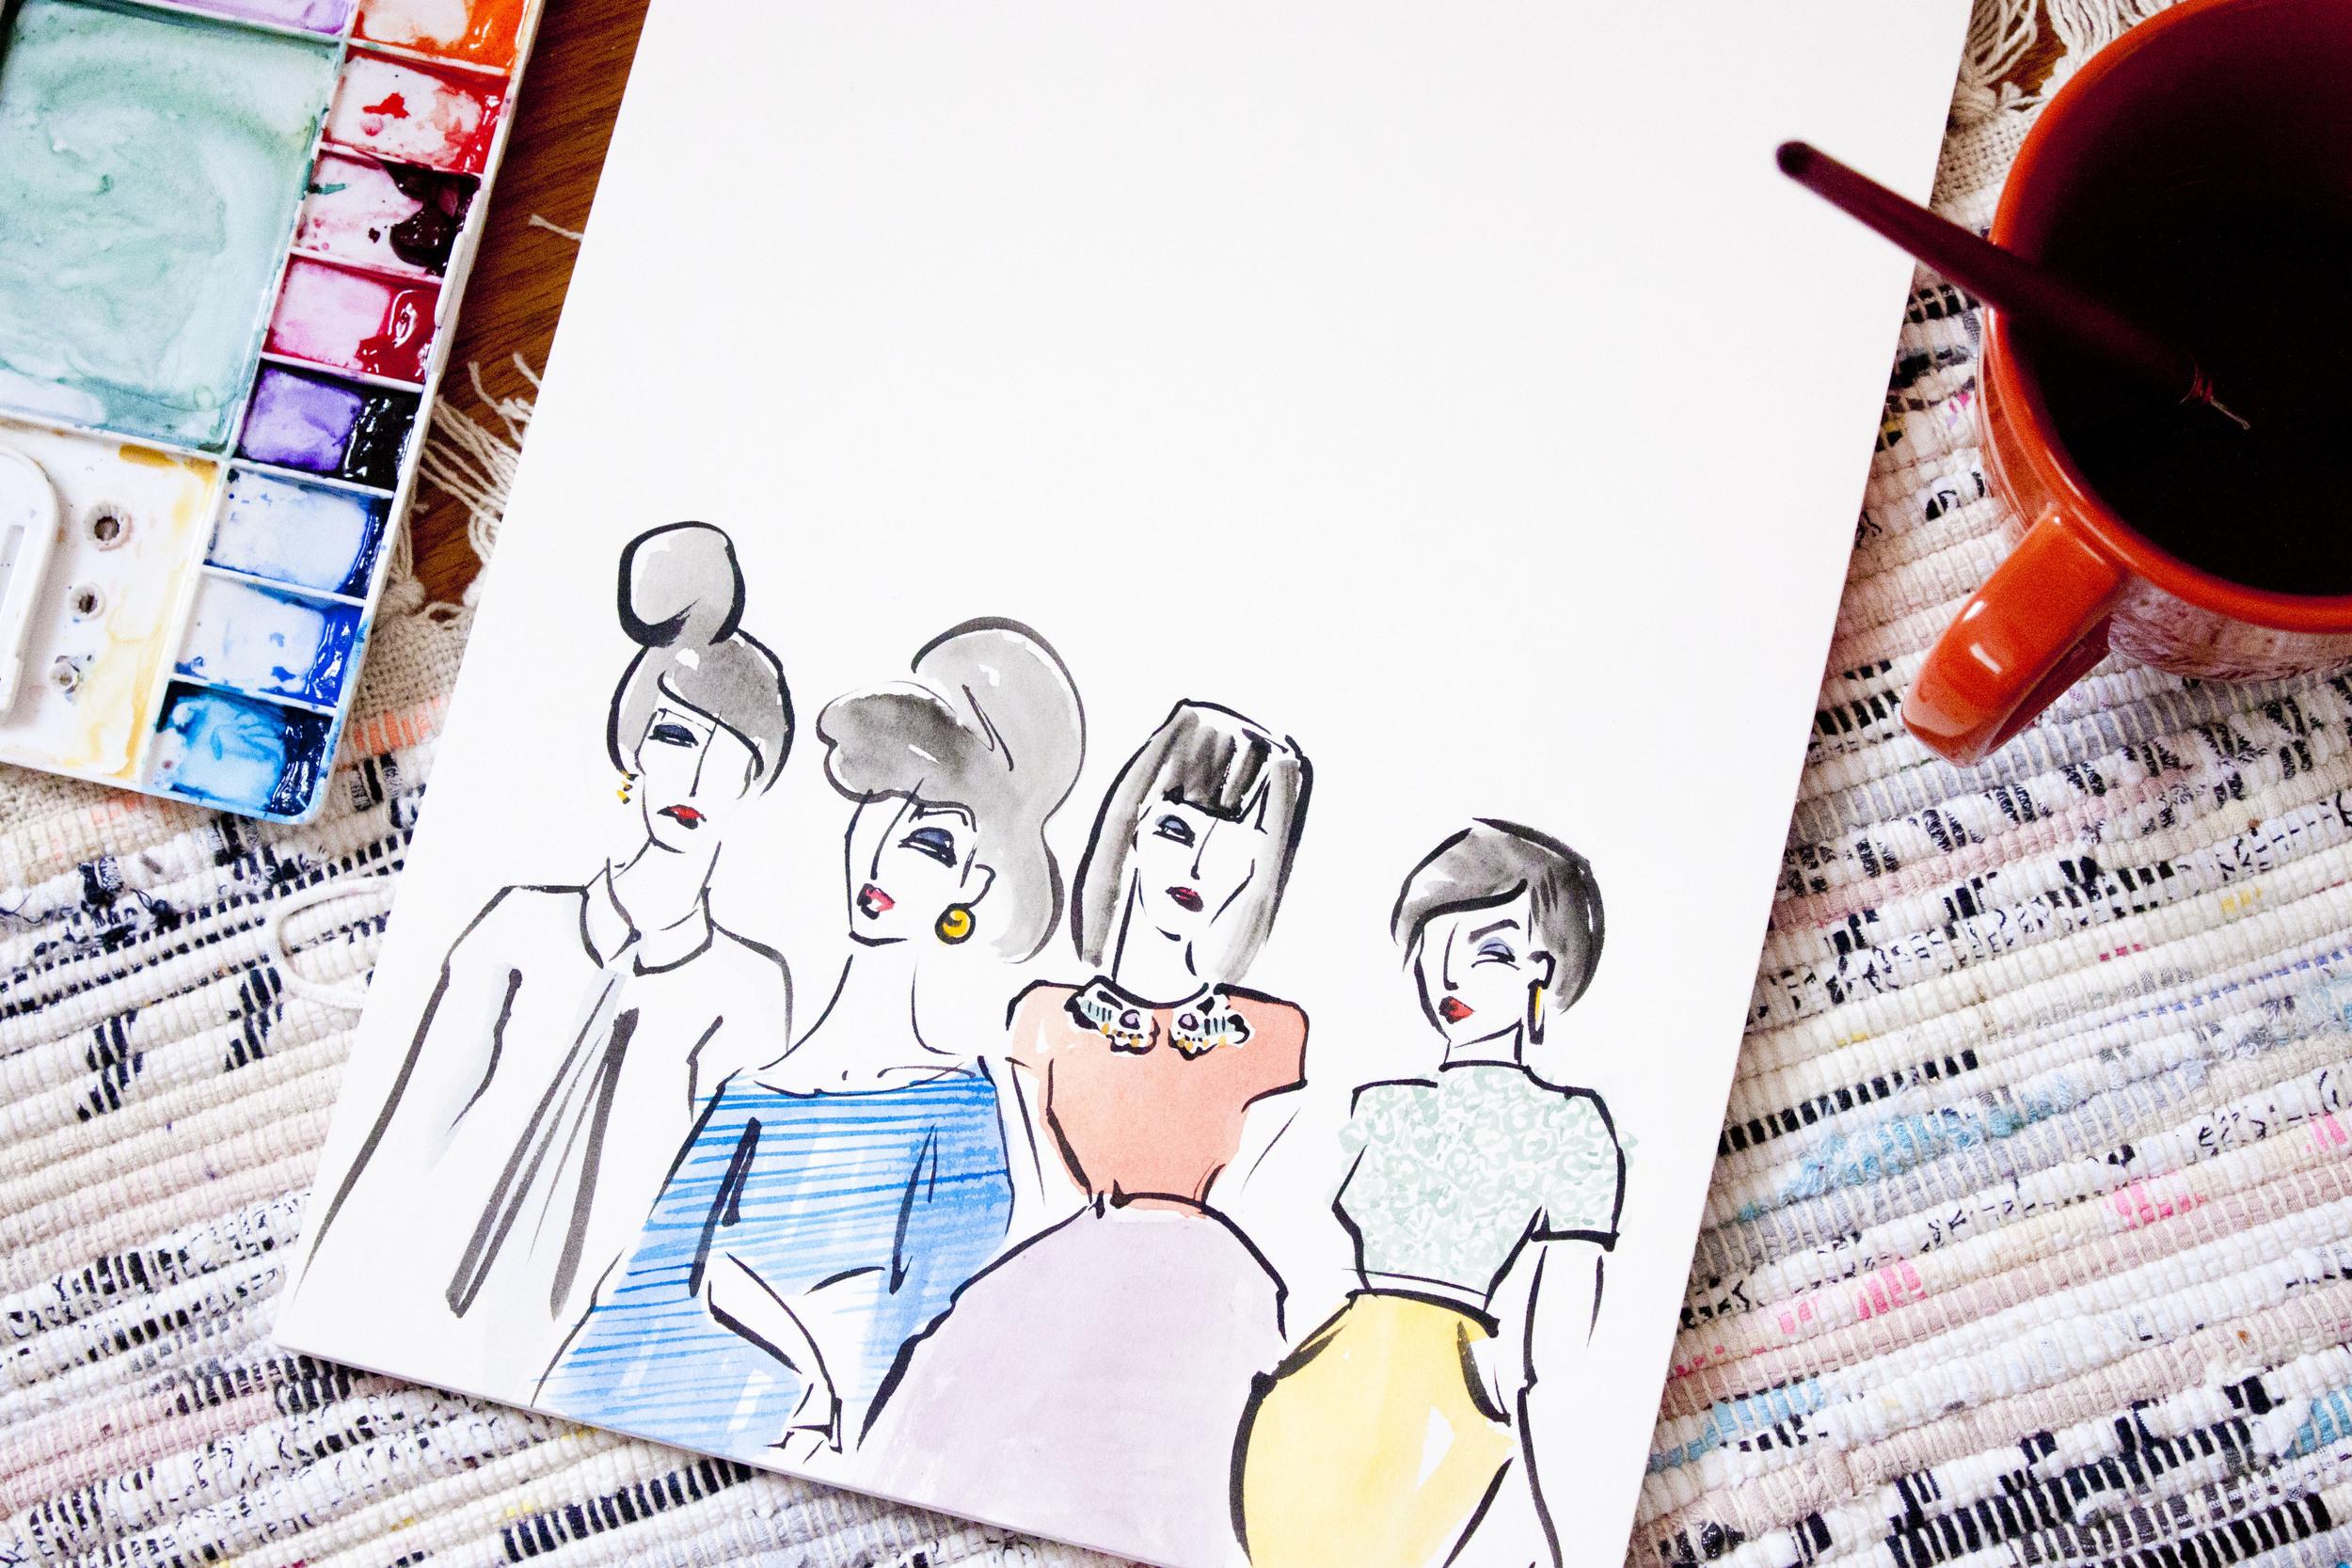 Victoria-Riza Fashion Illustrator | New Year's Eve